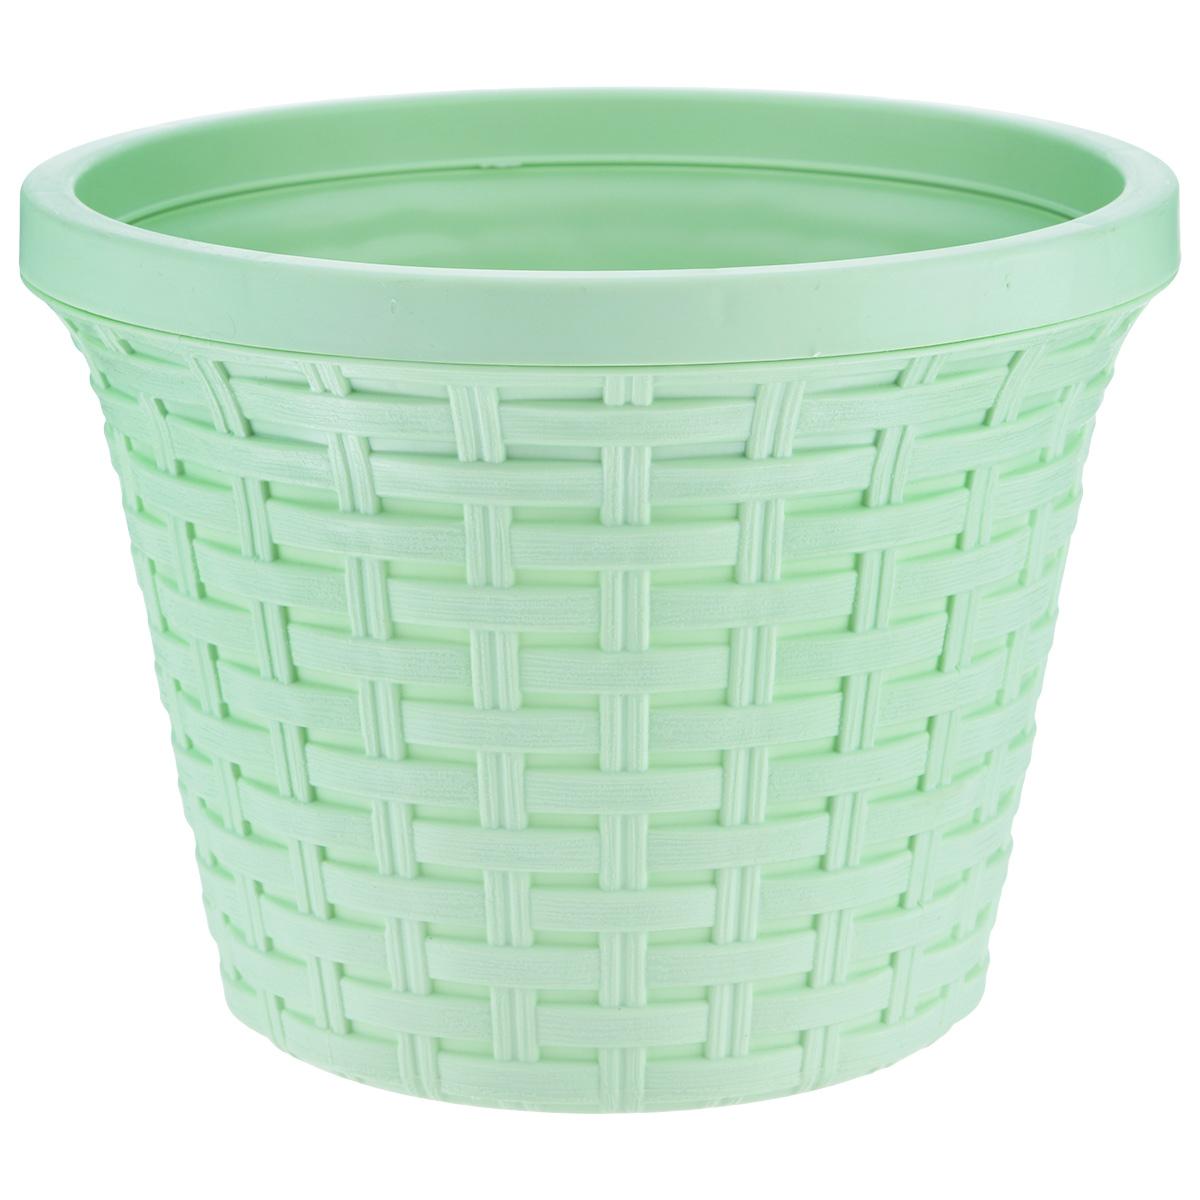 Кашпо Violet Ротанг, с дренажной системой, цвет: фисташковый, 4,8 л32480/18Кашпо Violet Ротанг изготовлено из высококачественного пластика и оснащено дренажной системой для быстрого отведения избытка воды при поливе. Изделие прекрасно подходит для выращивания растений и цветов в домашних условиях. Лаконичный дизайн впишется в интерьер любого помещения. Объем: 4,8 л.